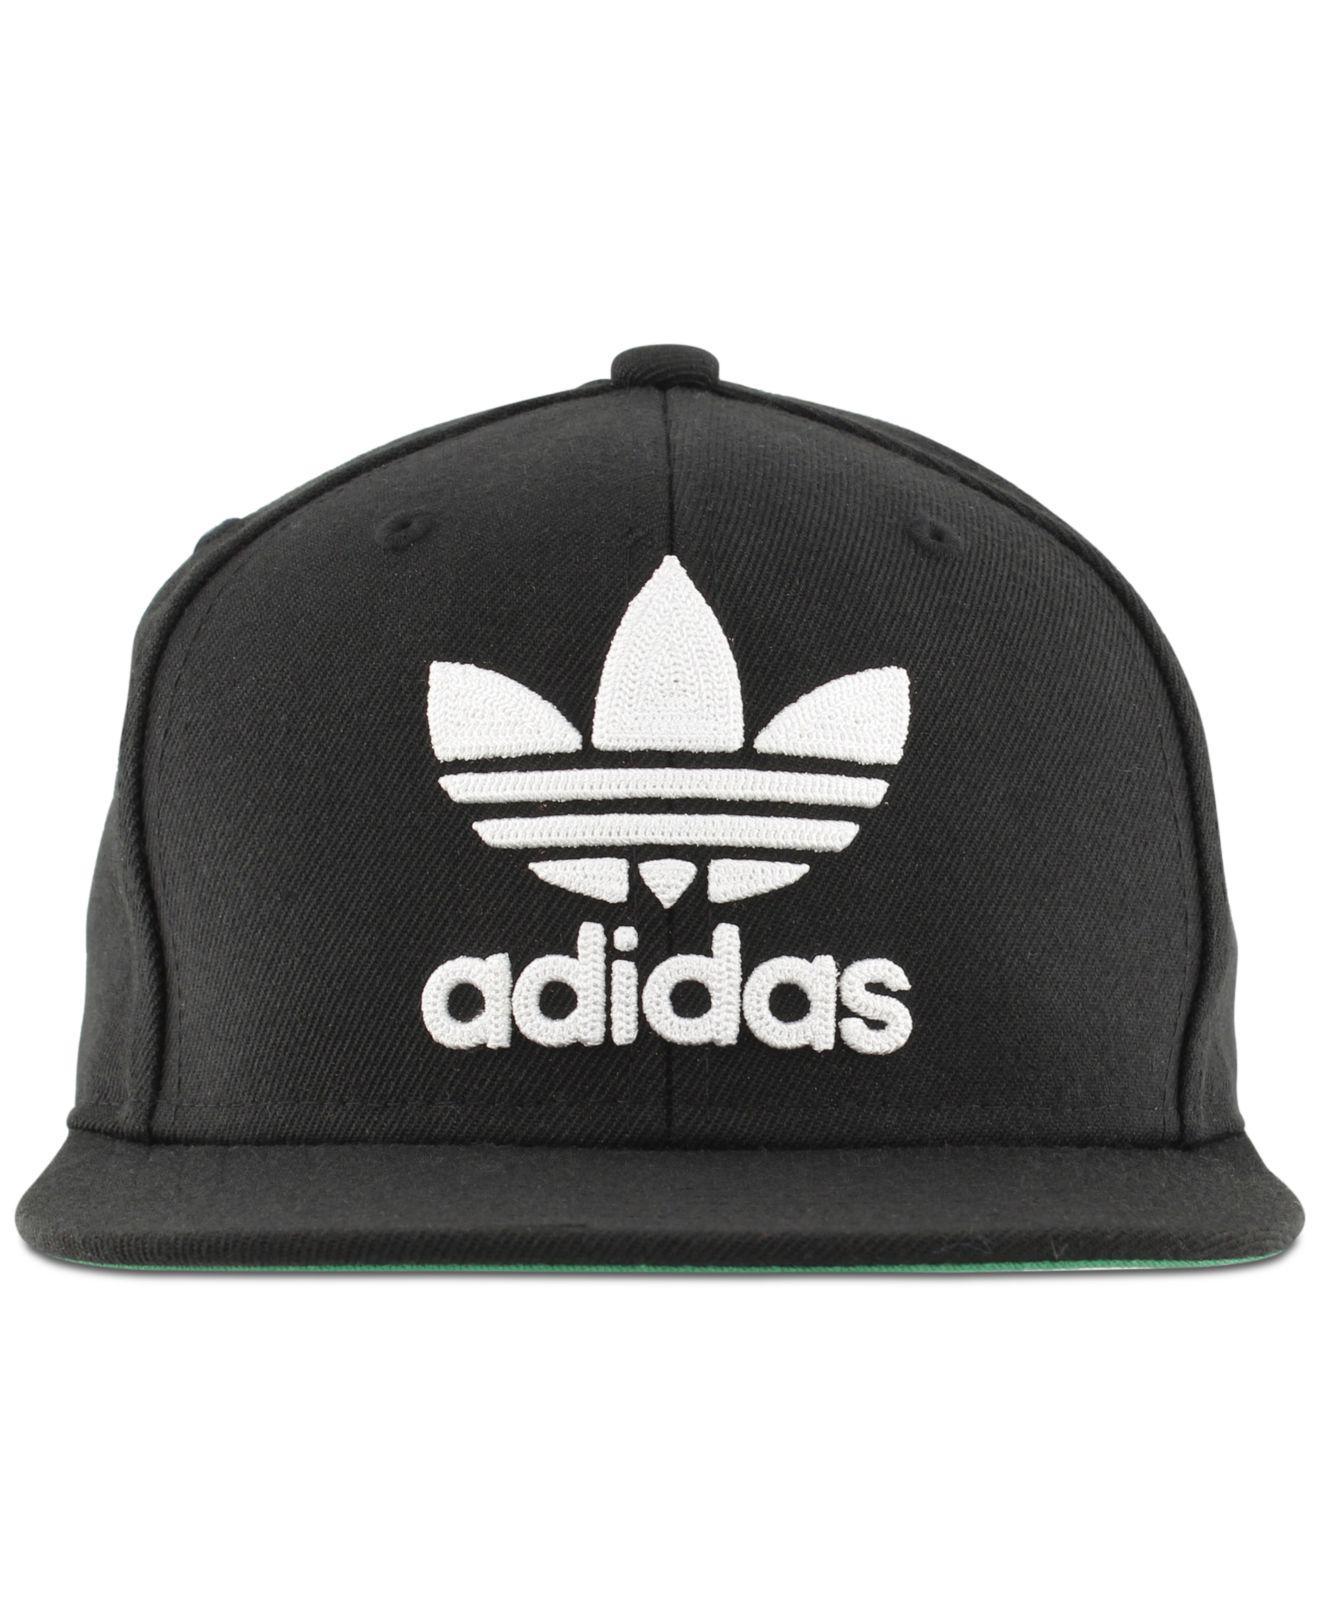 ef62b28b Adidas - Black Men's Originals Flat-brim Cap for Men - Lyst. View fullscreen